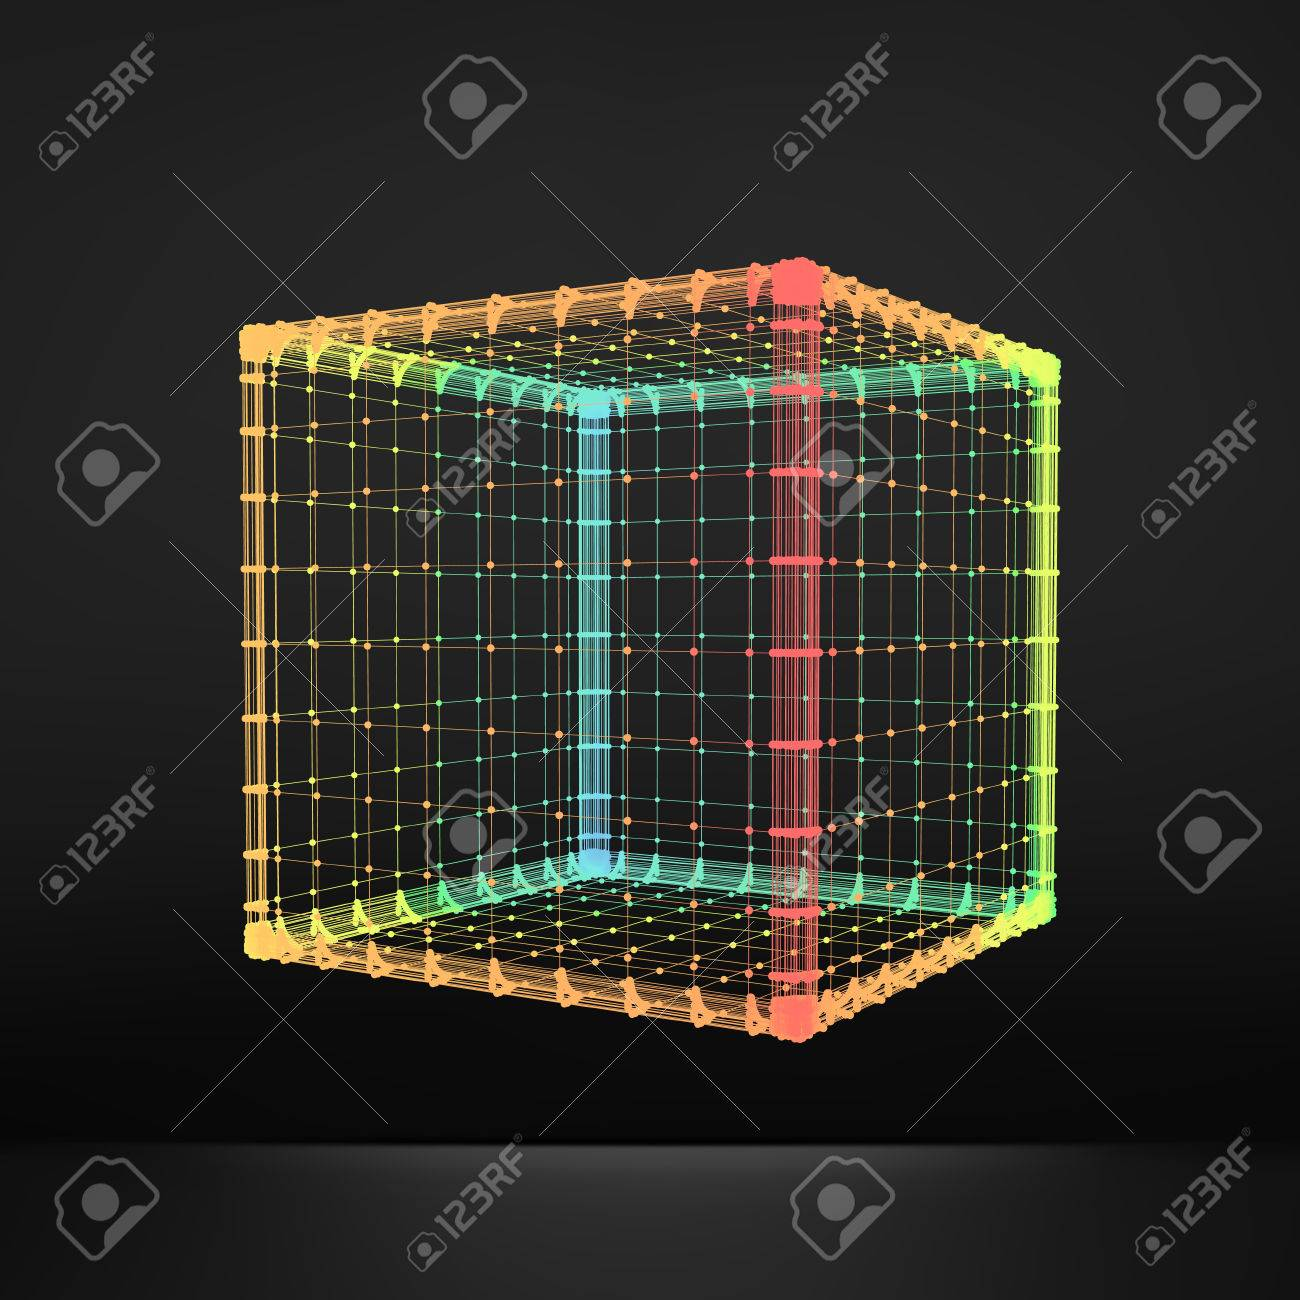 Würfel. Regelmäßige Hexahedron. Platonischen Körper. Regelmäßige ...